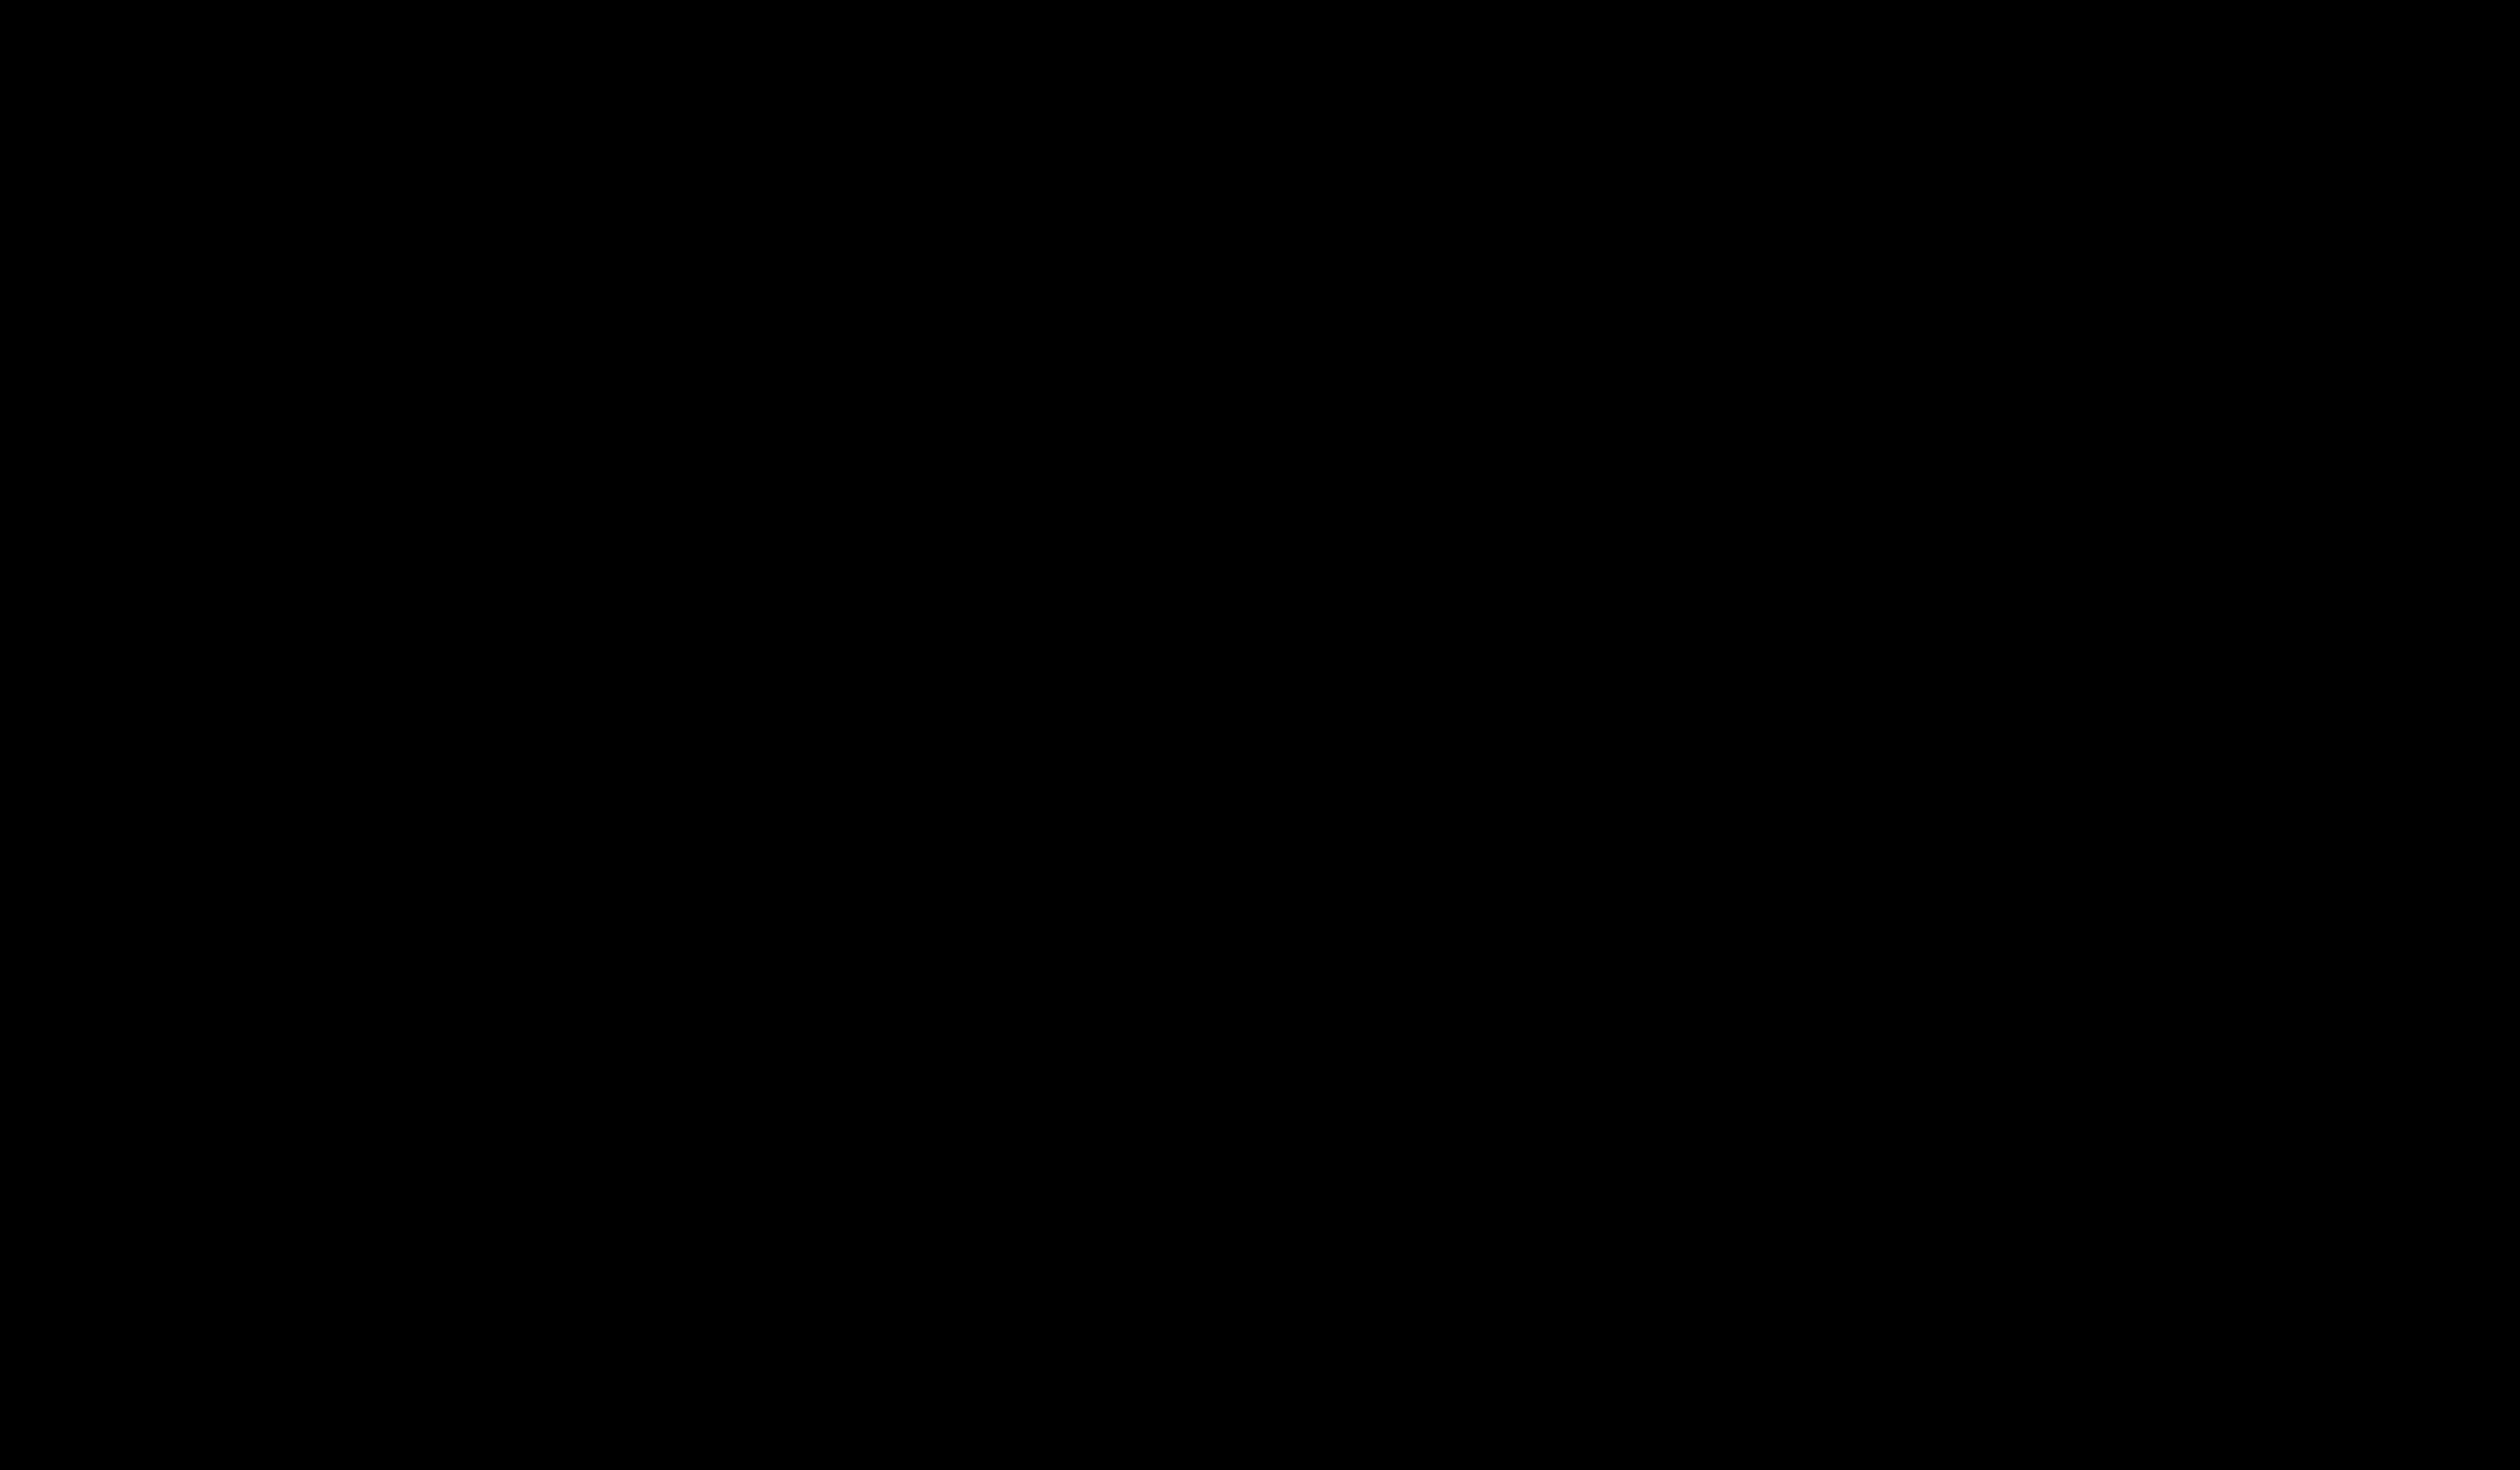 2019中国DevOps社区年会